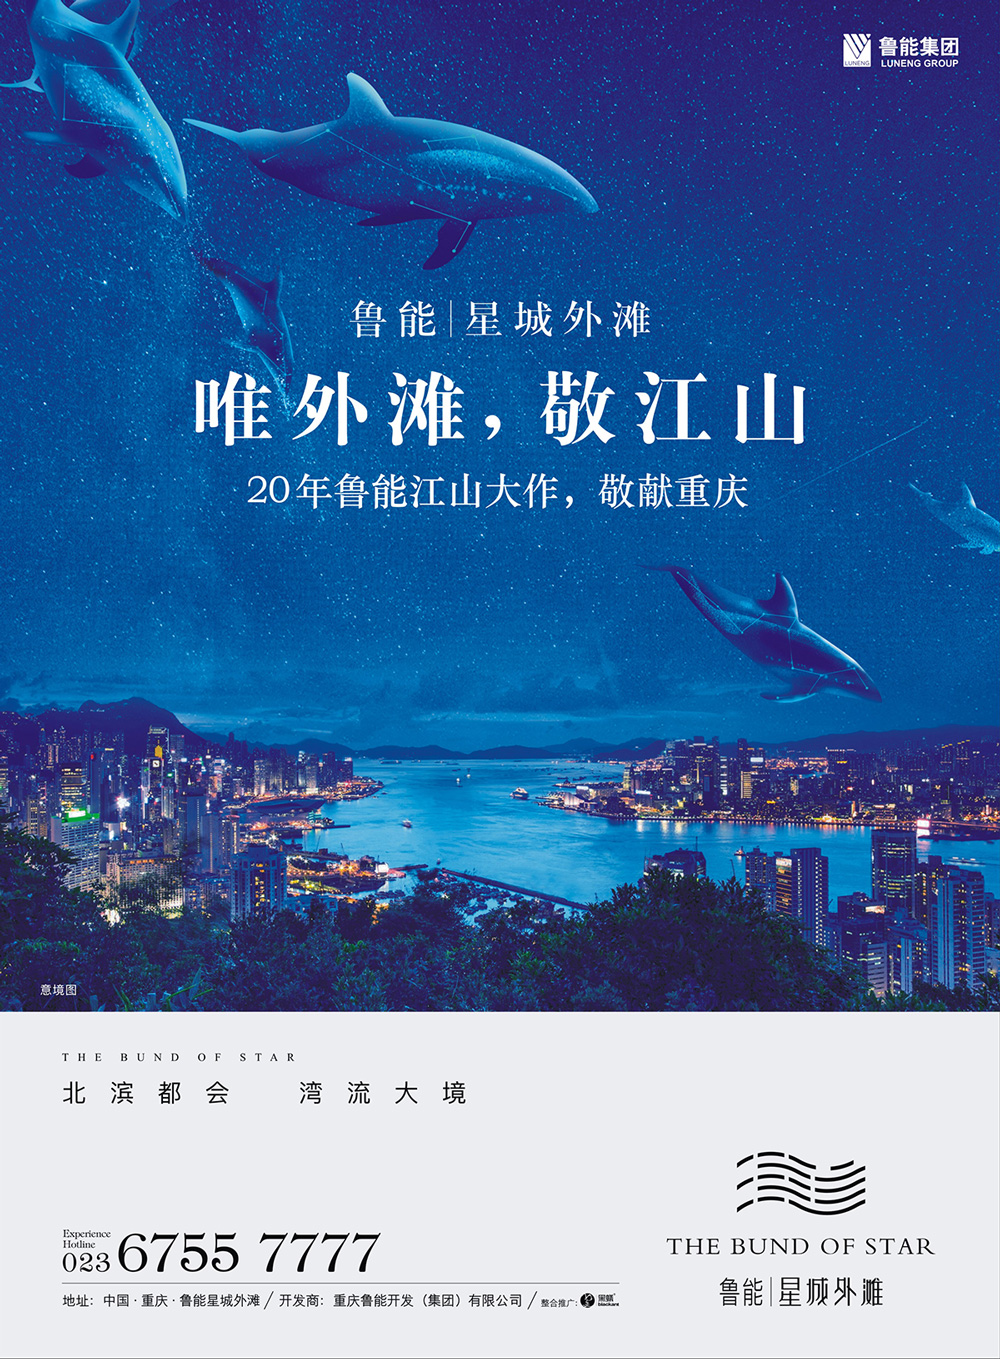 重庆鲁能外滩房地产广告设计营销策划5.jpg